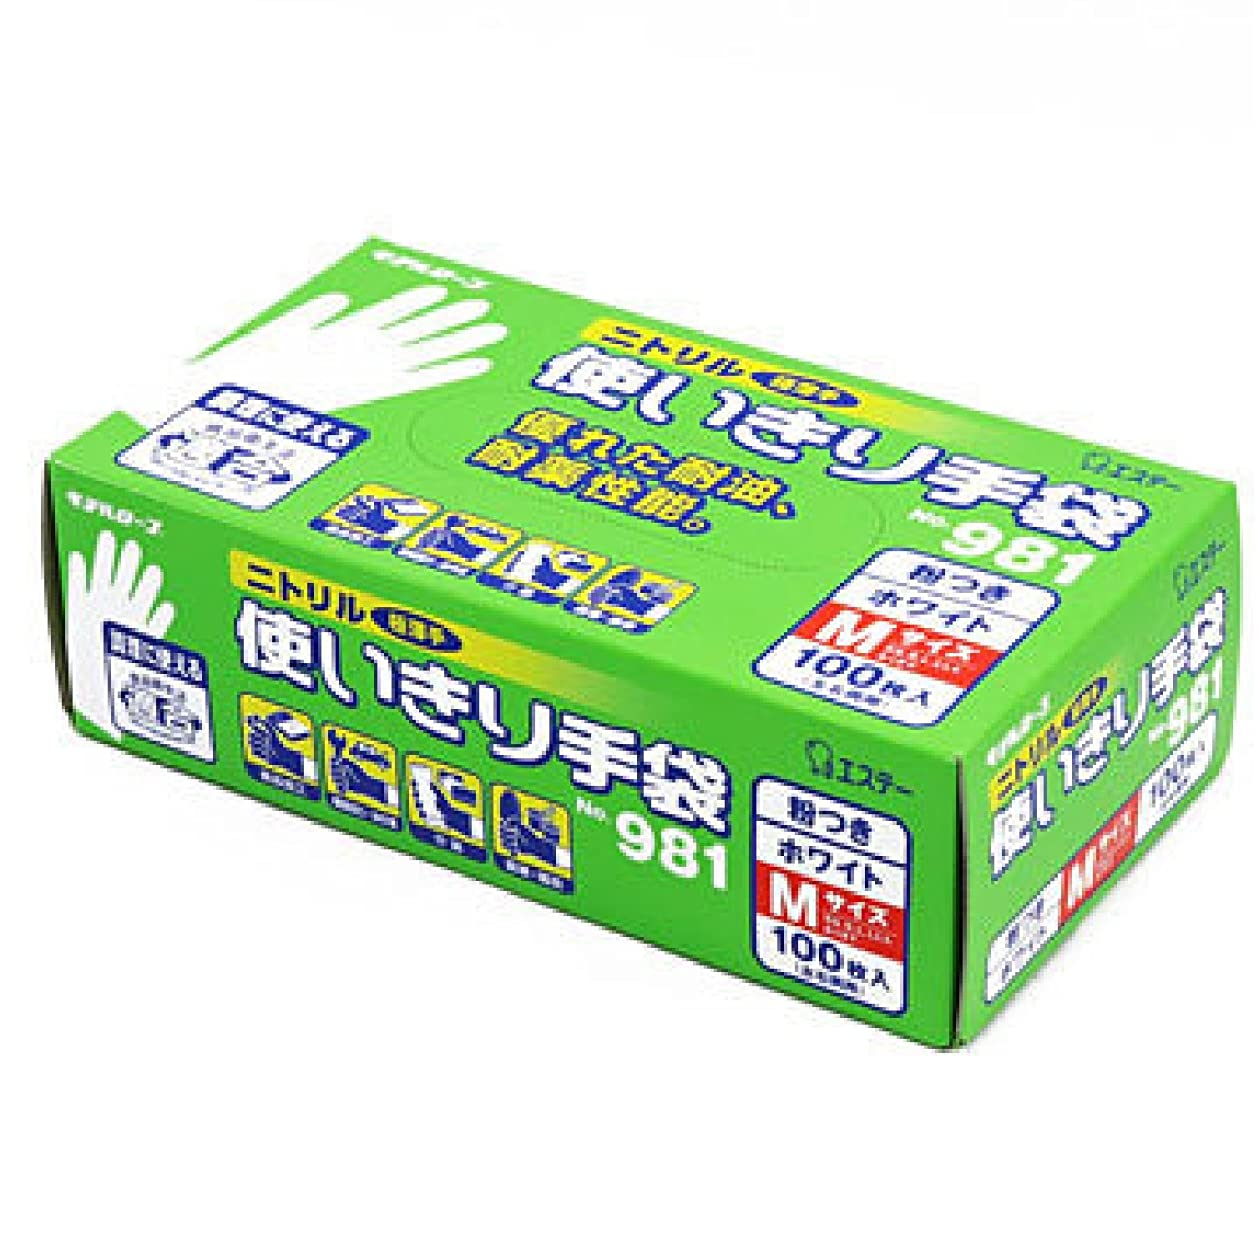 クリスマス無能溶けたエステー/ニトリル使いきり手袋 箱入 (粉つき) [100枚入]/品番:981 サイズ:LL カラー:ホワイト